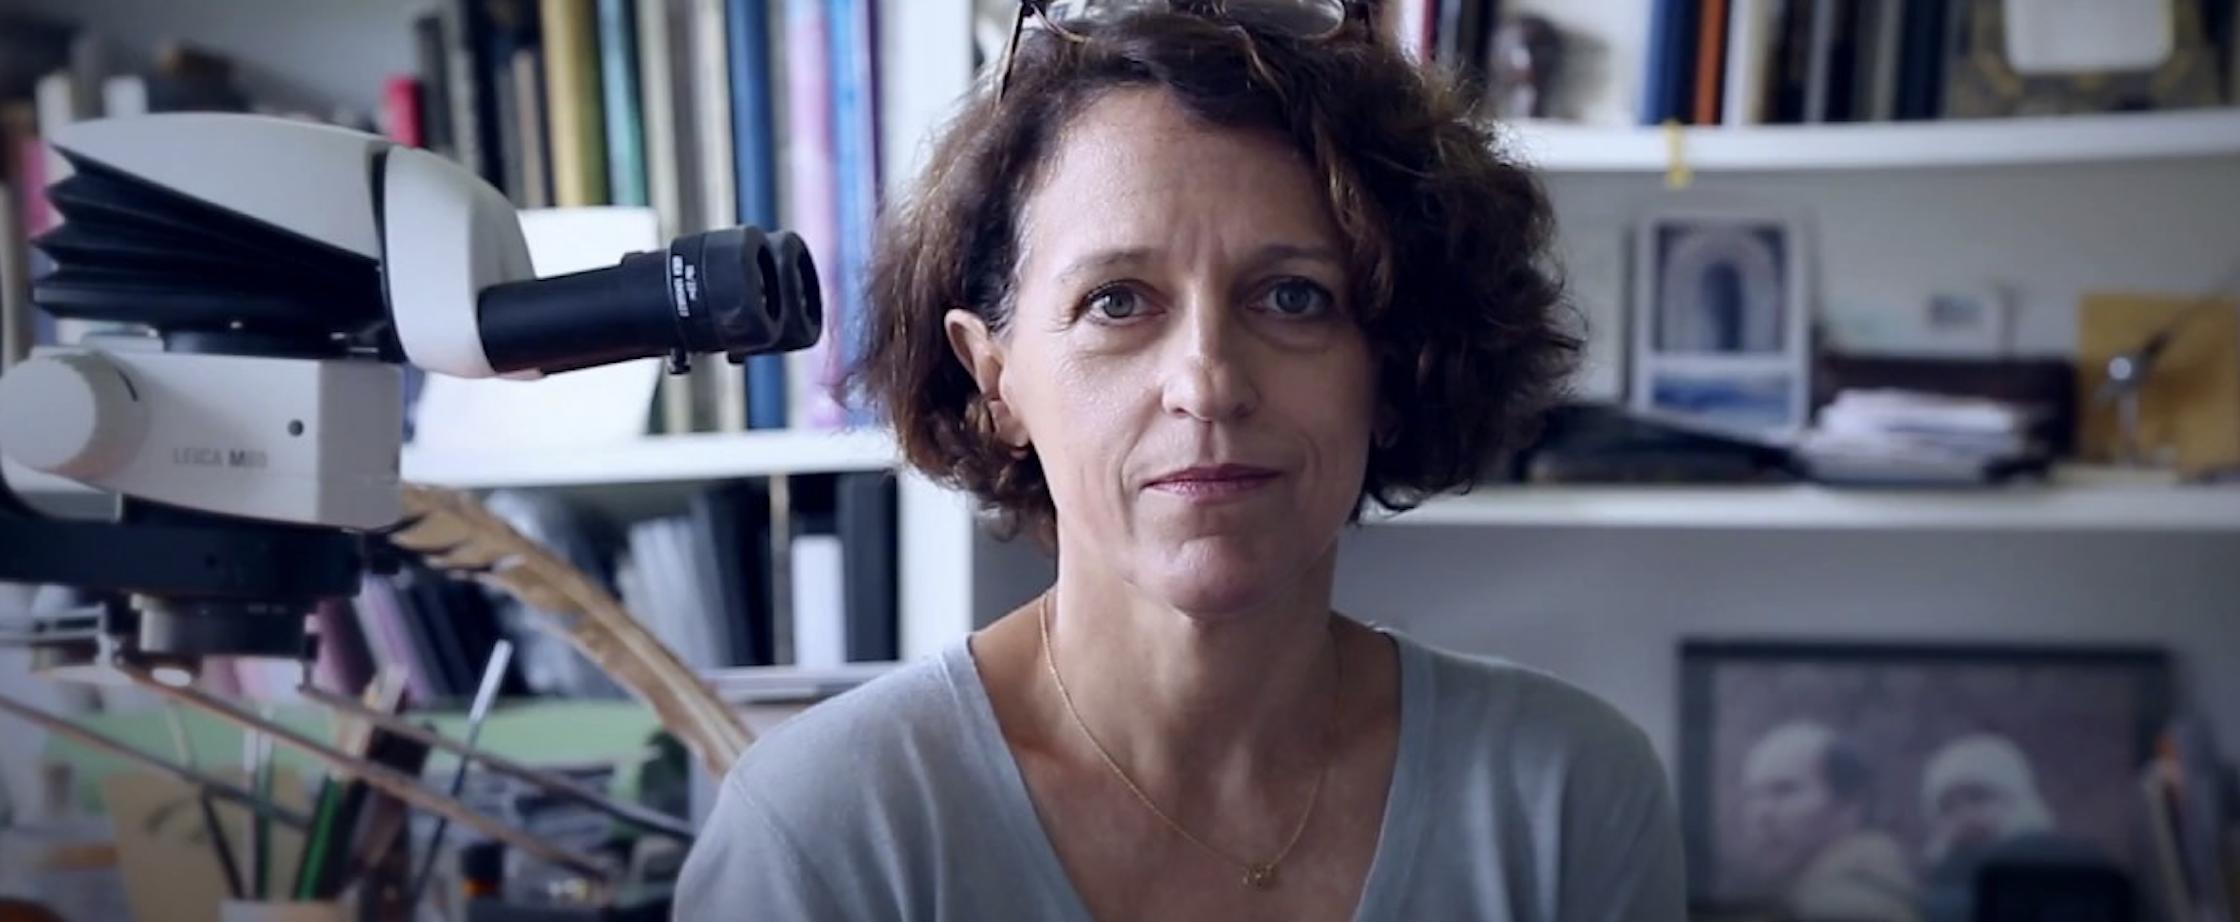 专访瑞士珐琅彩绘的代表人物Anita Porchet:创作过程也是一种自我调整